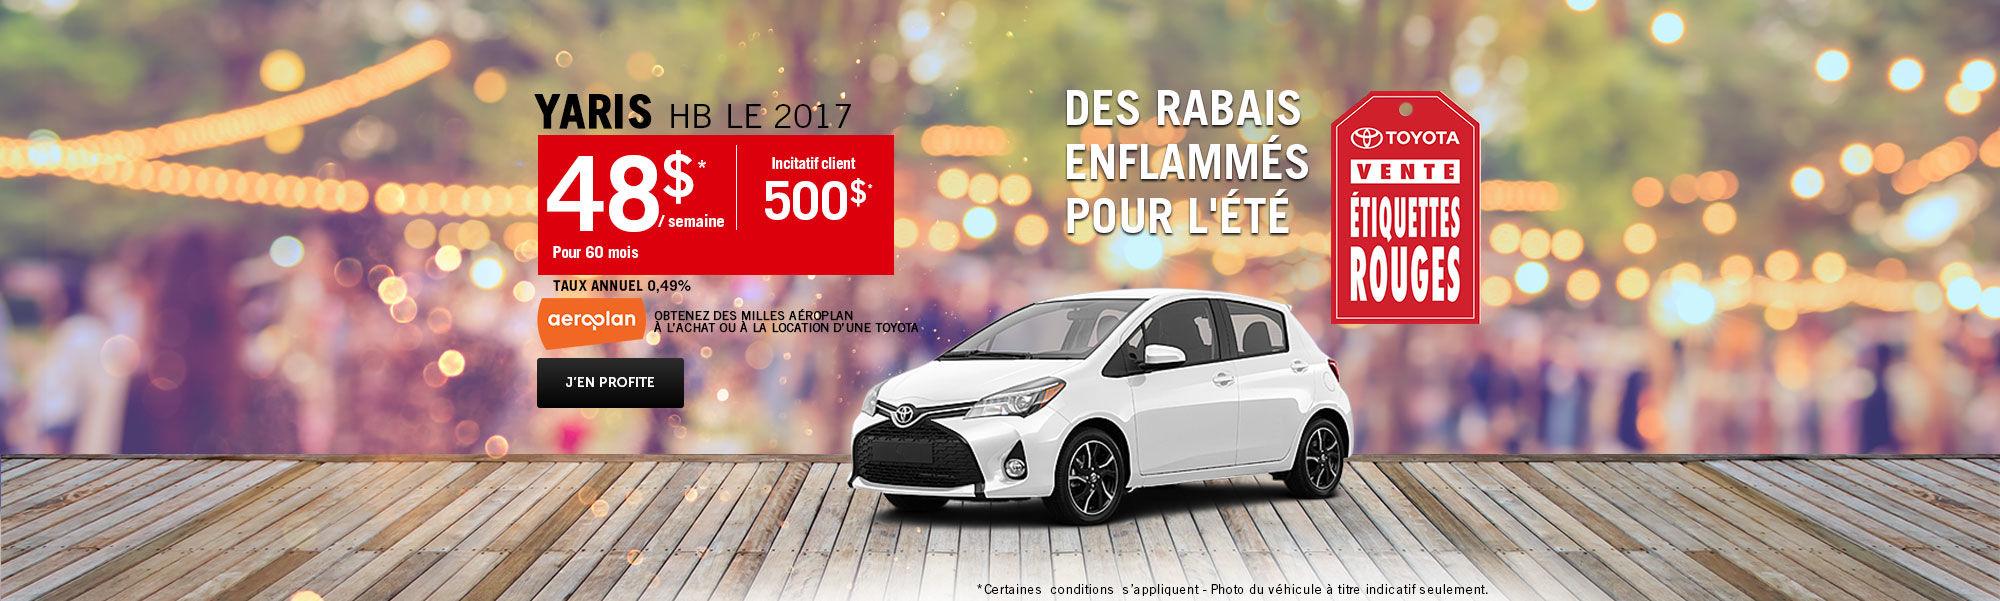 Vente étiquette rouges Toyota - Yaris